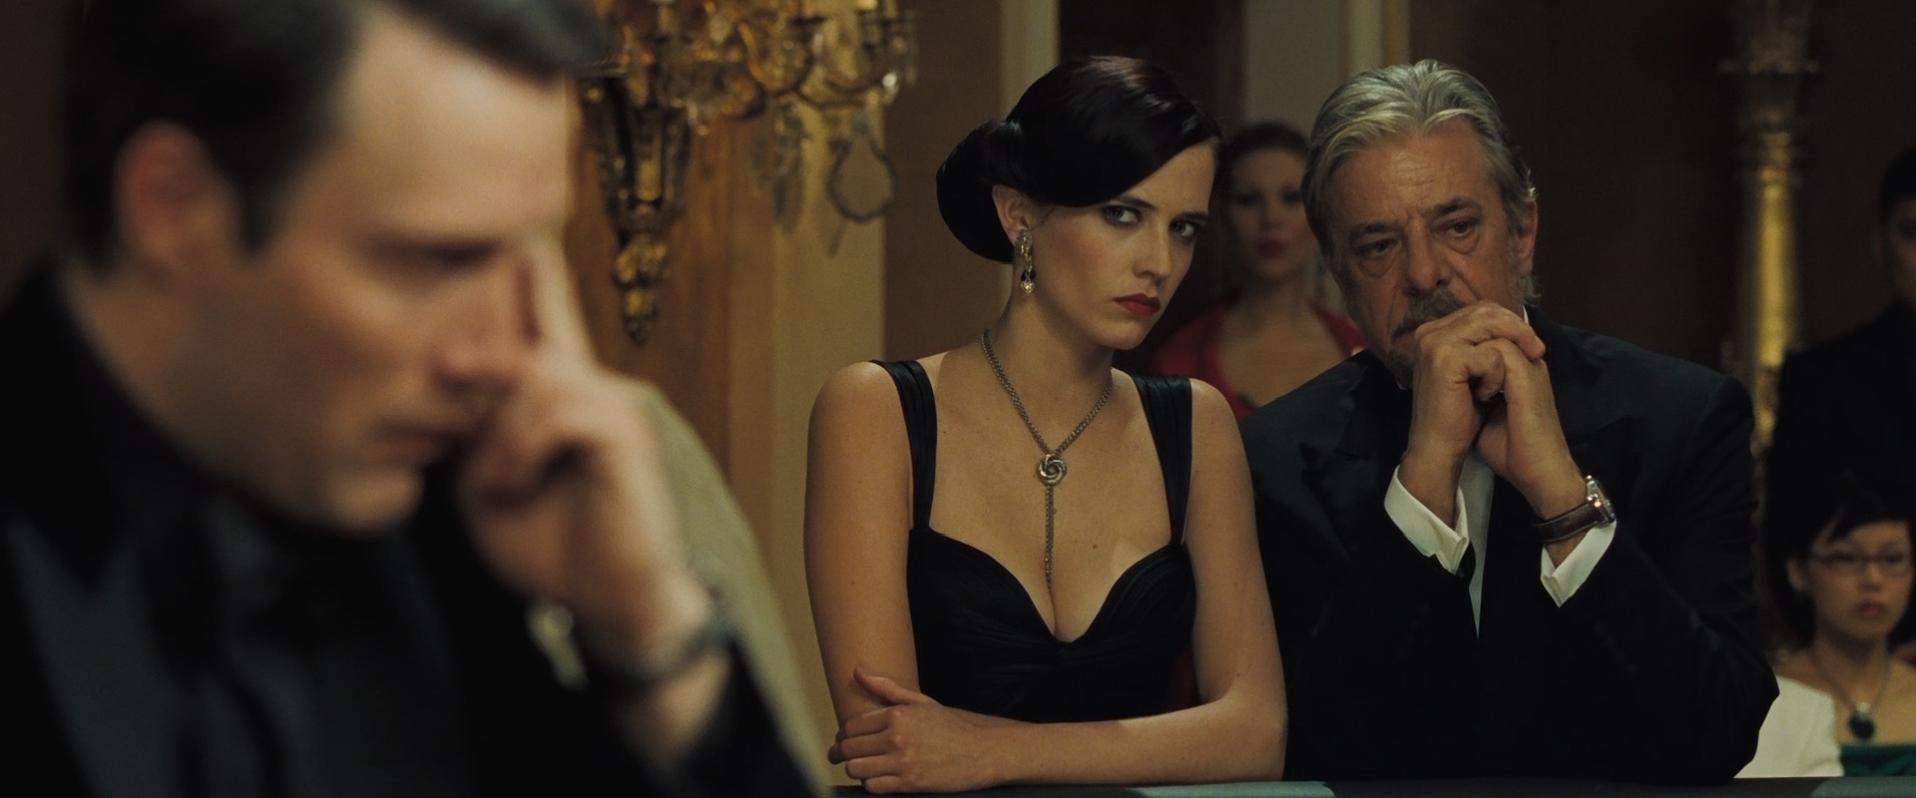 bond 007 casino grand piano guarda online